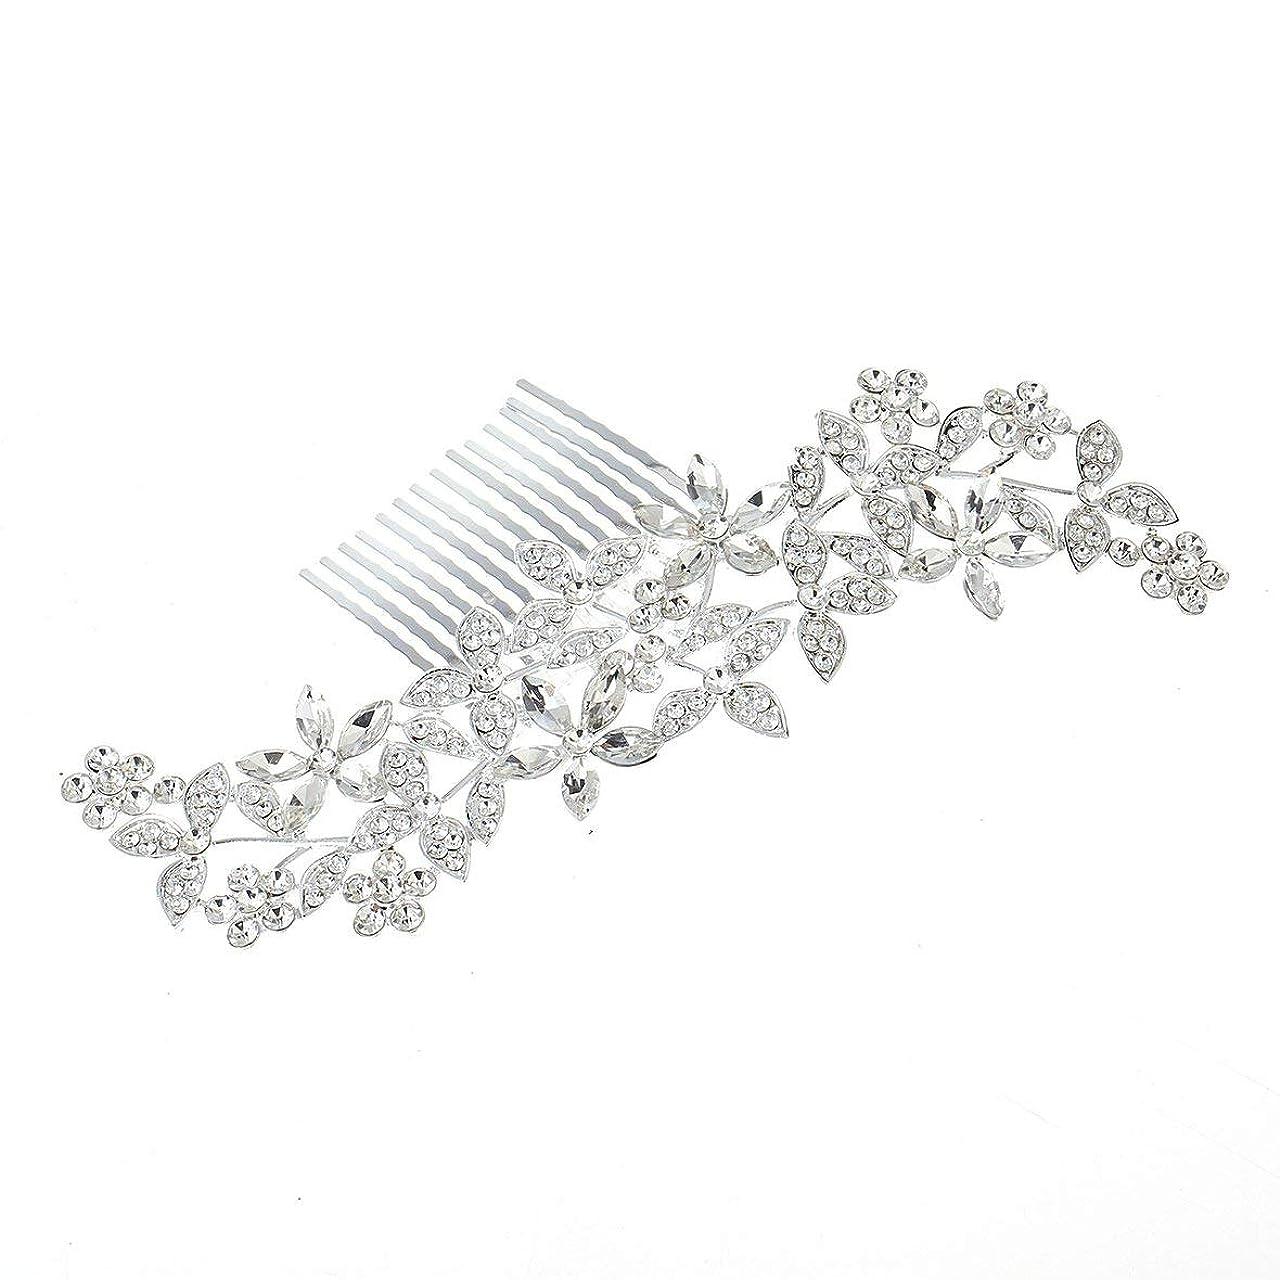 一般化する履歴書死すべきBlackfell 結婚式の髪の櫛クリスタルヘアジュエリー魅力的な結婚式の髪の櫛女性のための手作りの花の花嫁のヘッドドレス